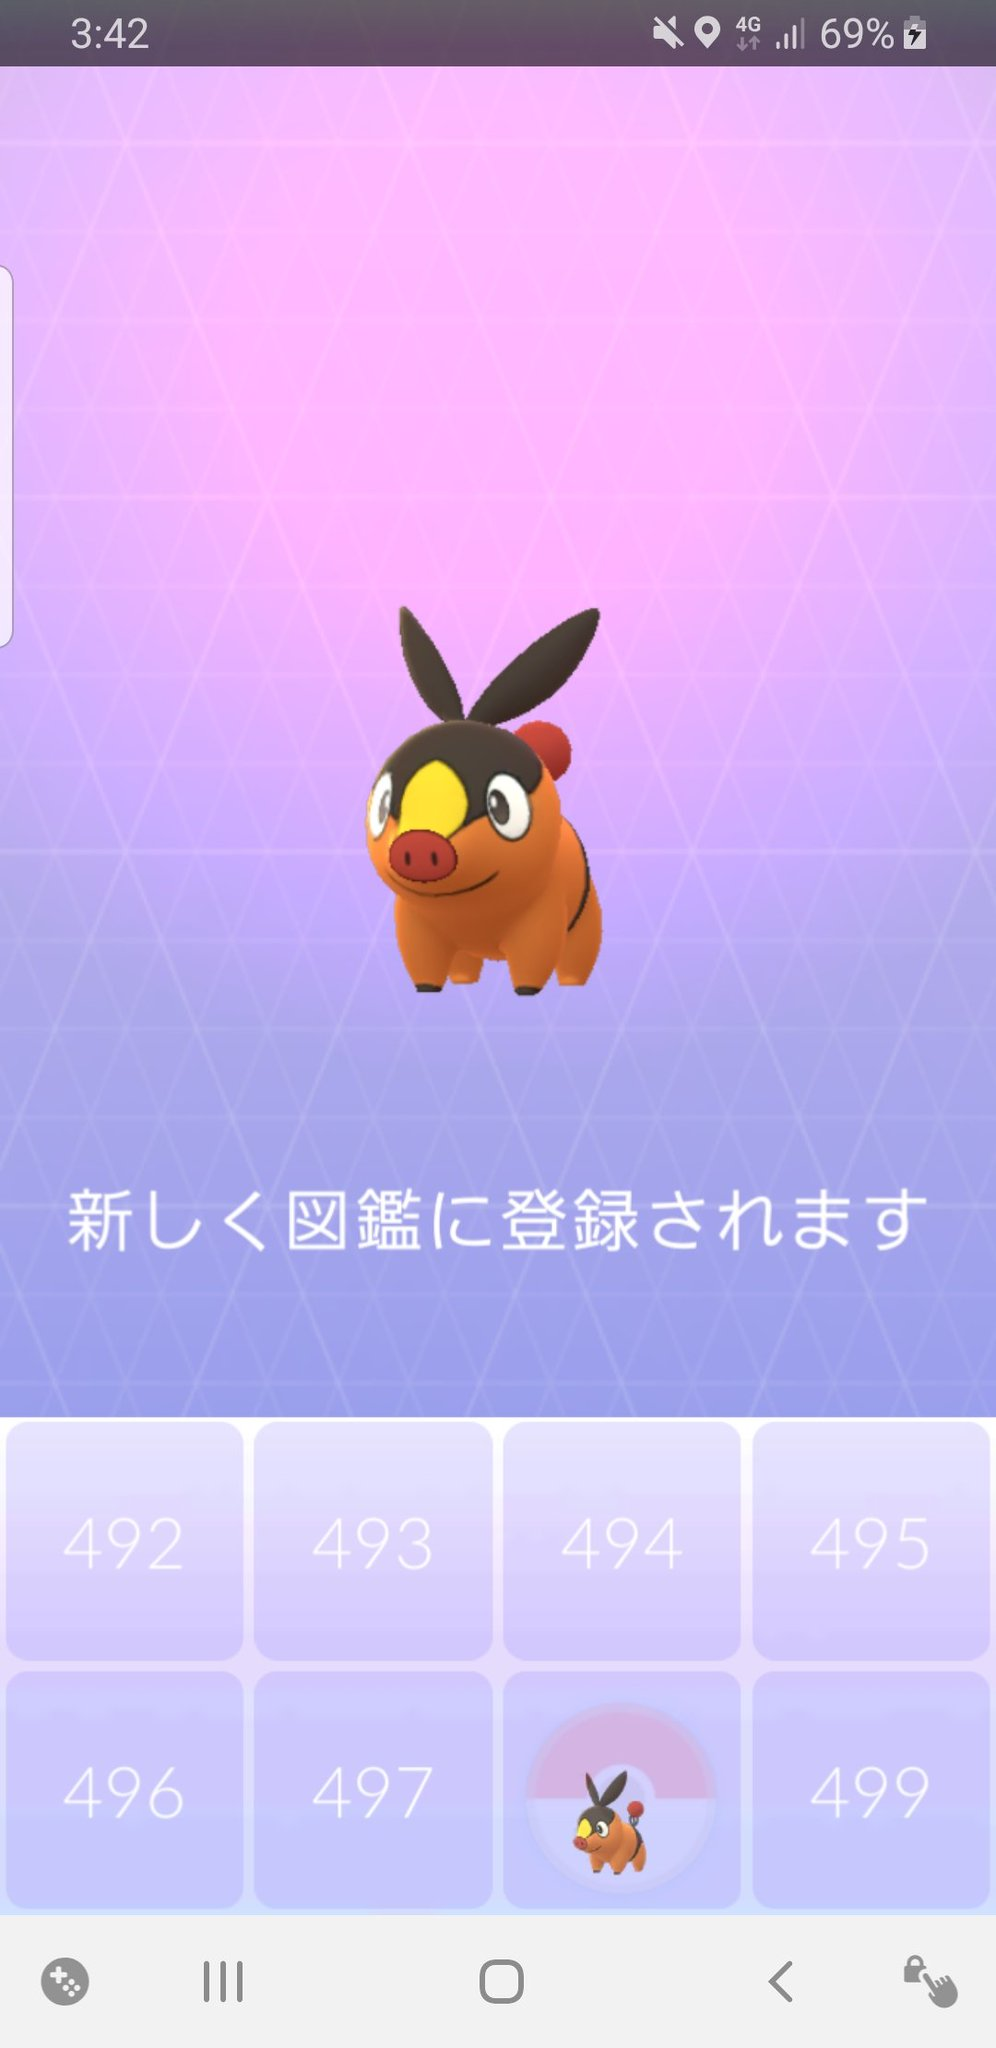 ポケモン図鑑494